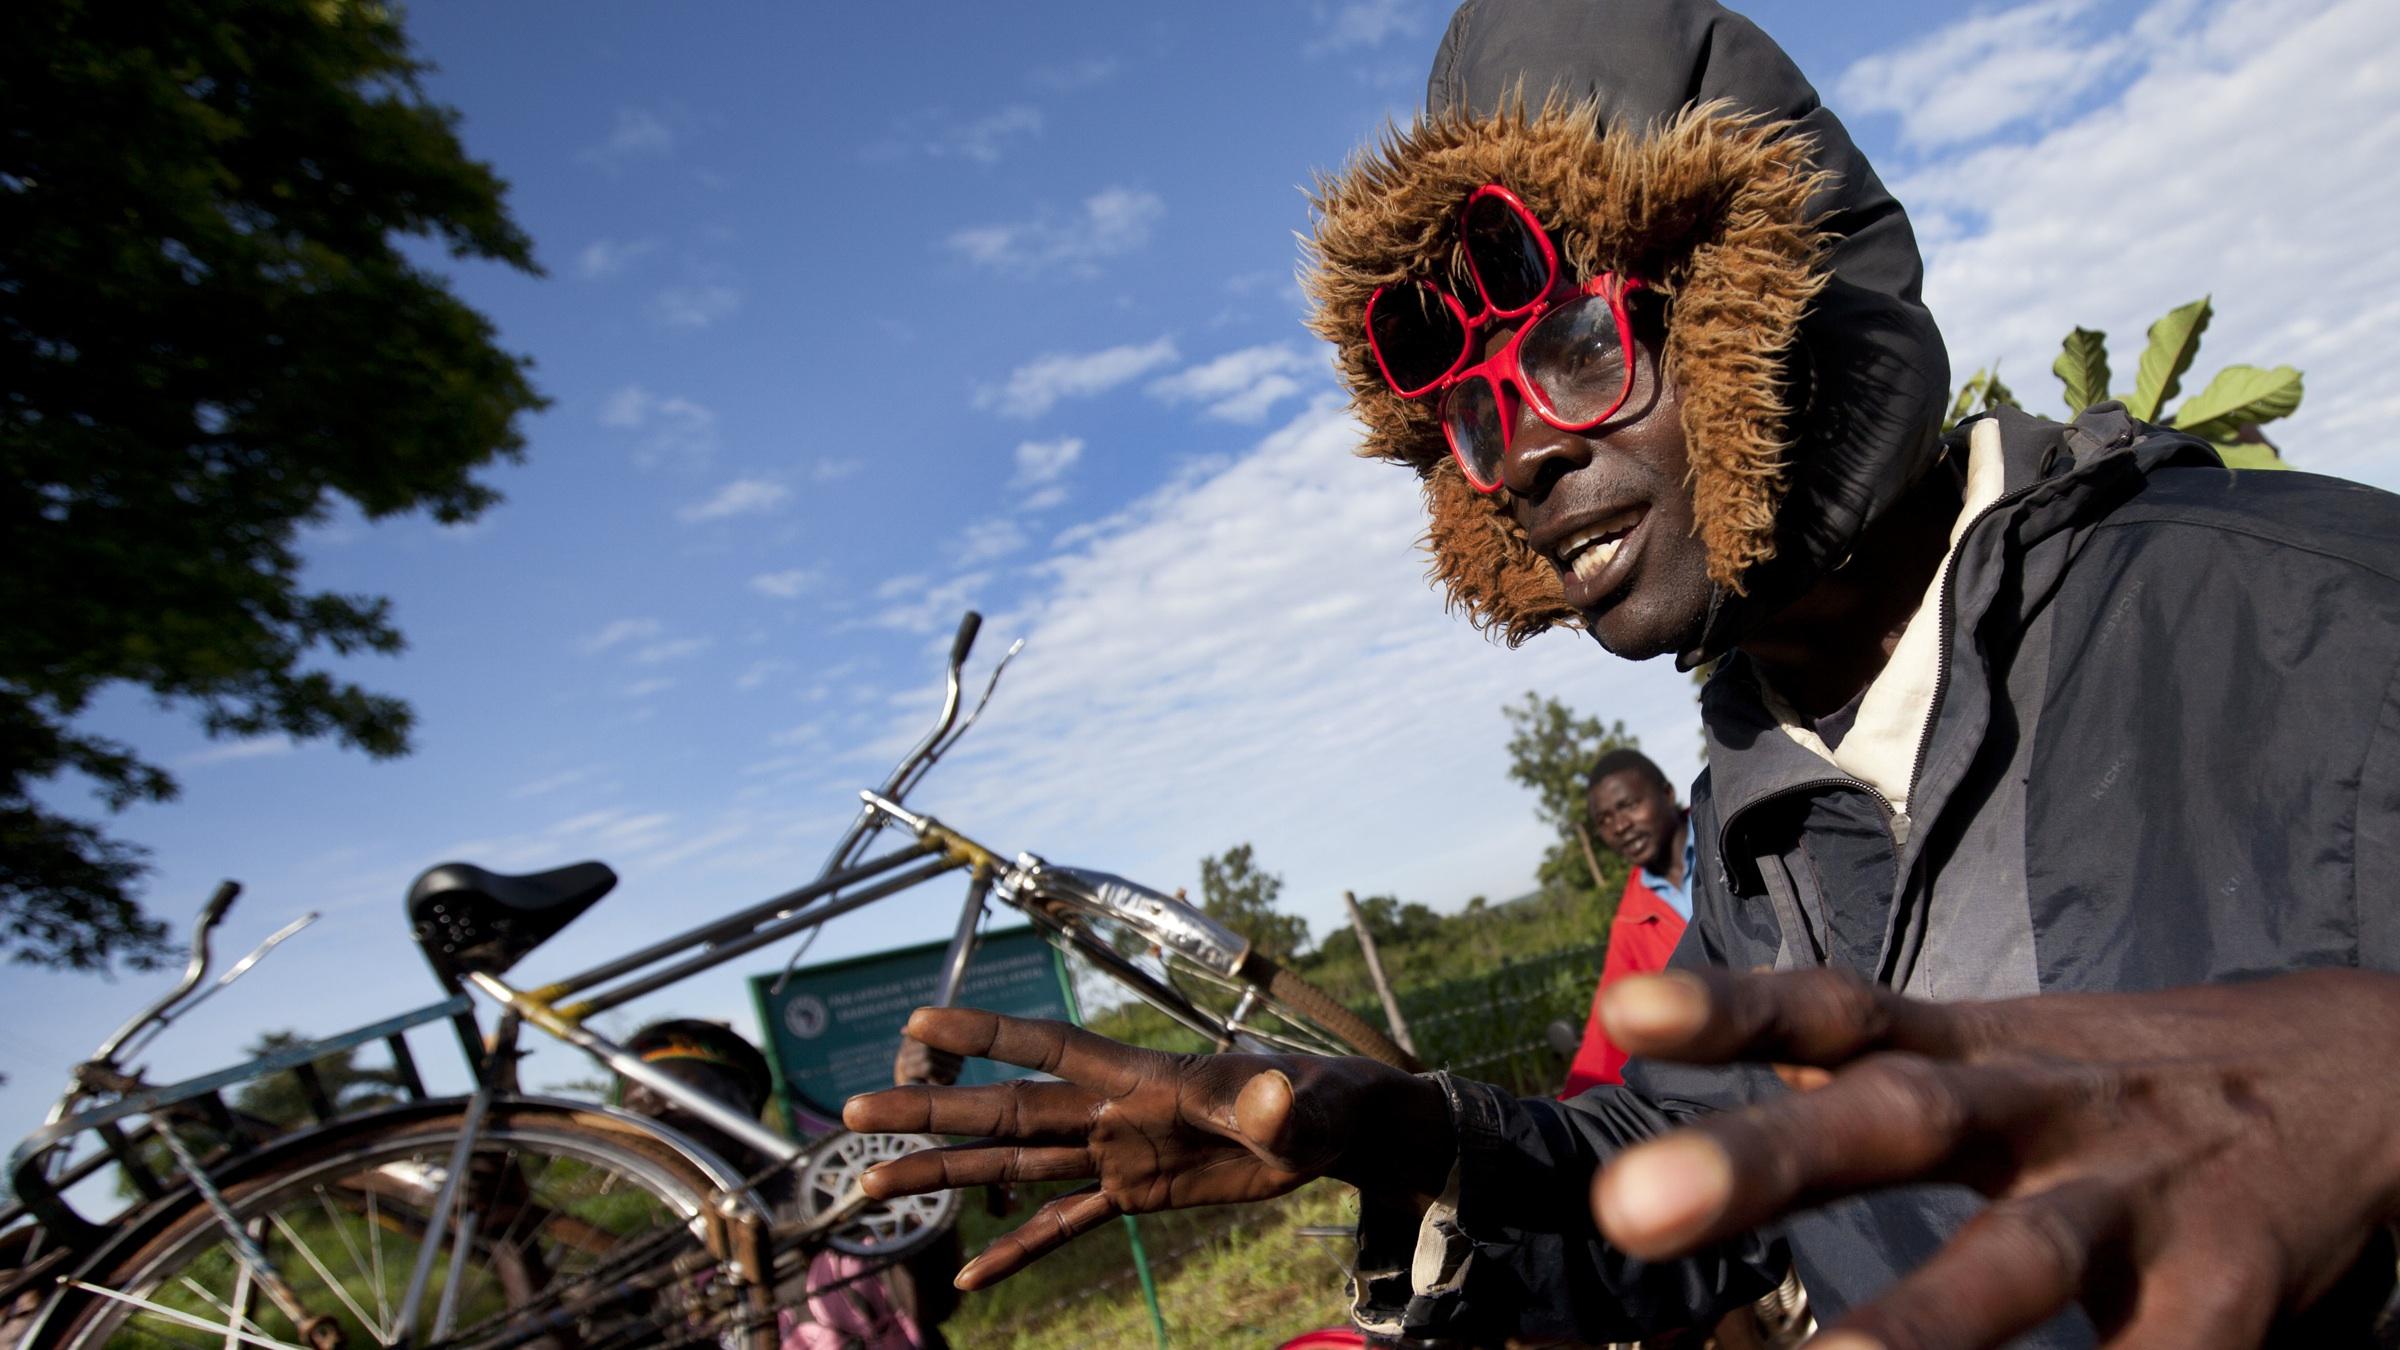 Villager in rural Kenya.